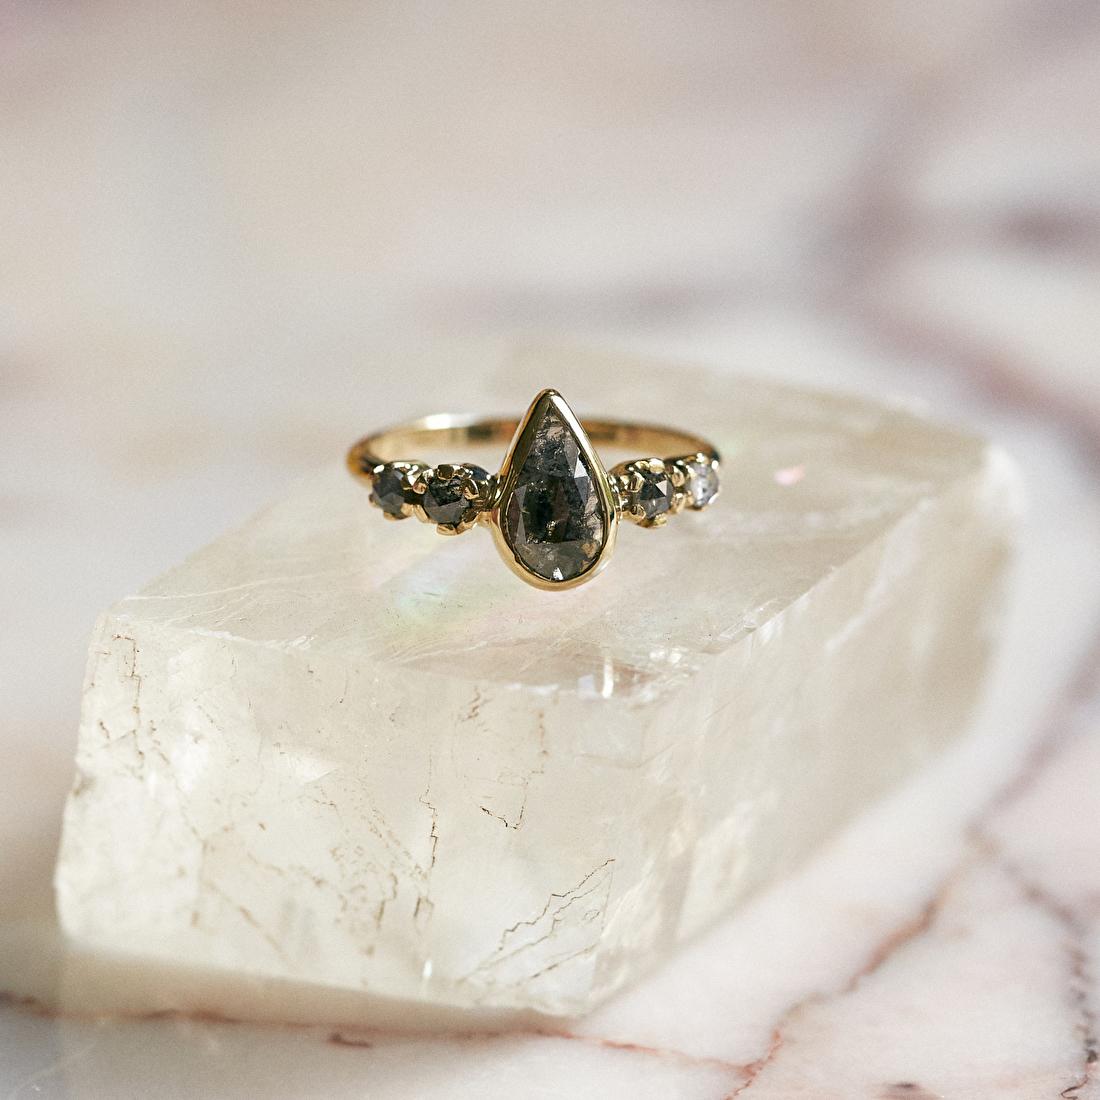 Stoere ring met grijze diamanten